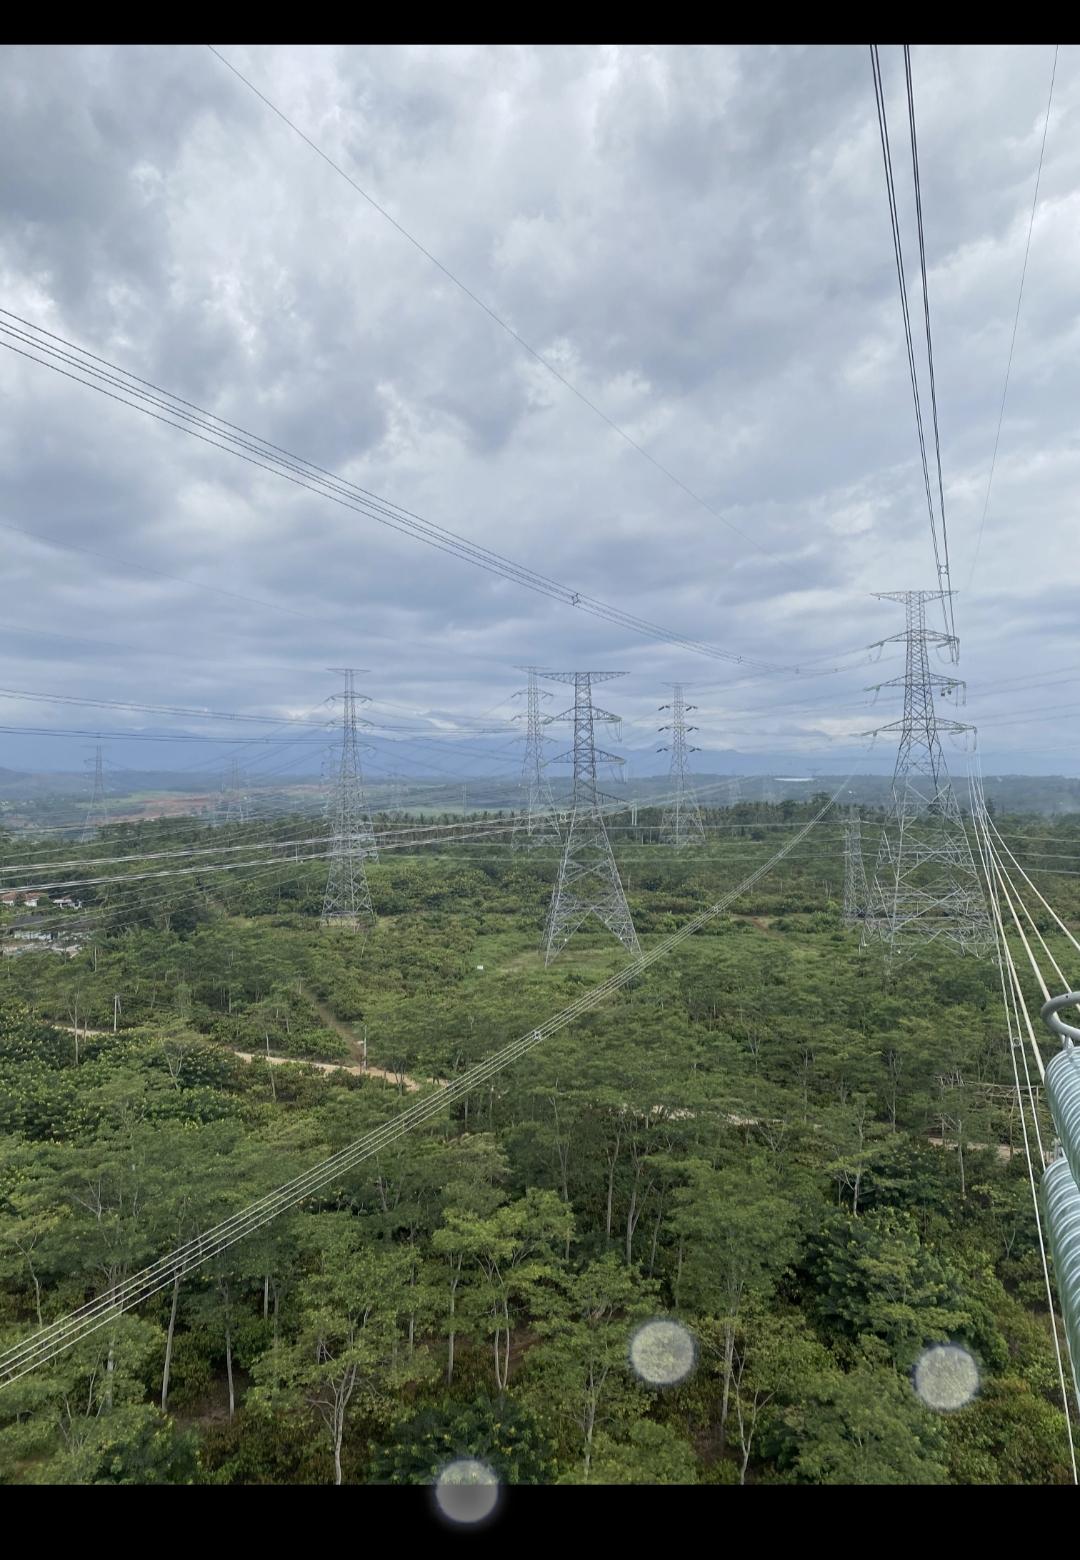 Seksi-Tanjung-Jati-–-Pemalang-dari-Proyek-Transmisi-500kV-5